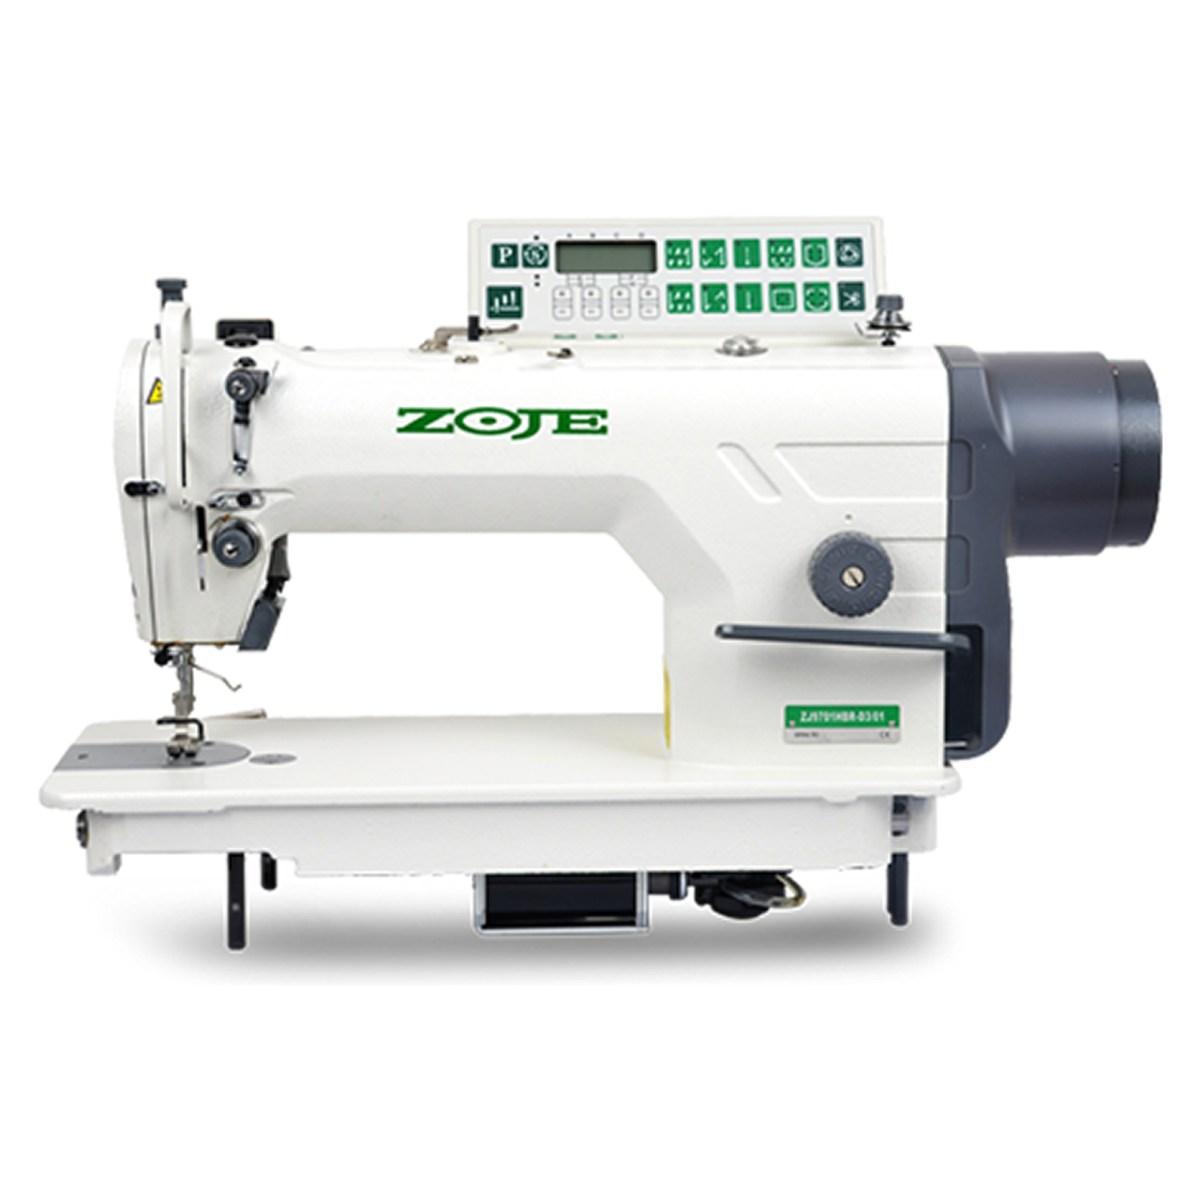 ZOJE ZJ9701HBR series – Find Sewing Machine